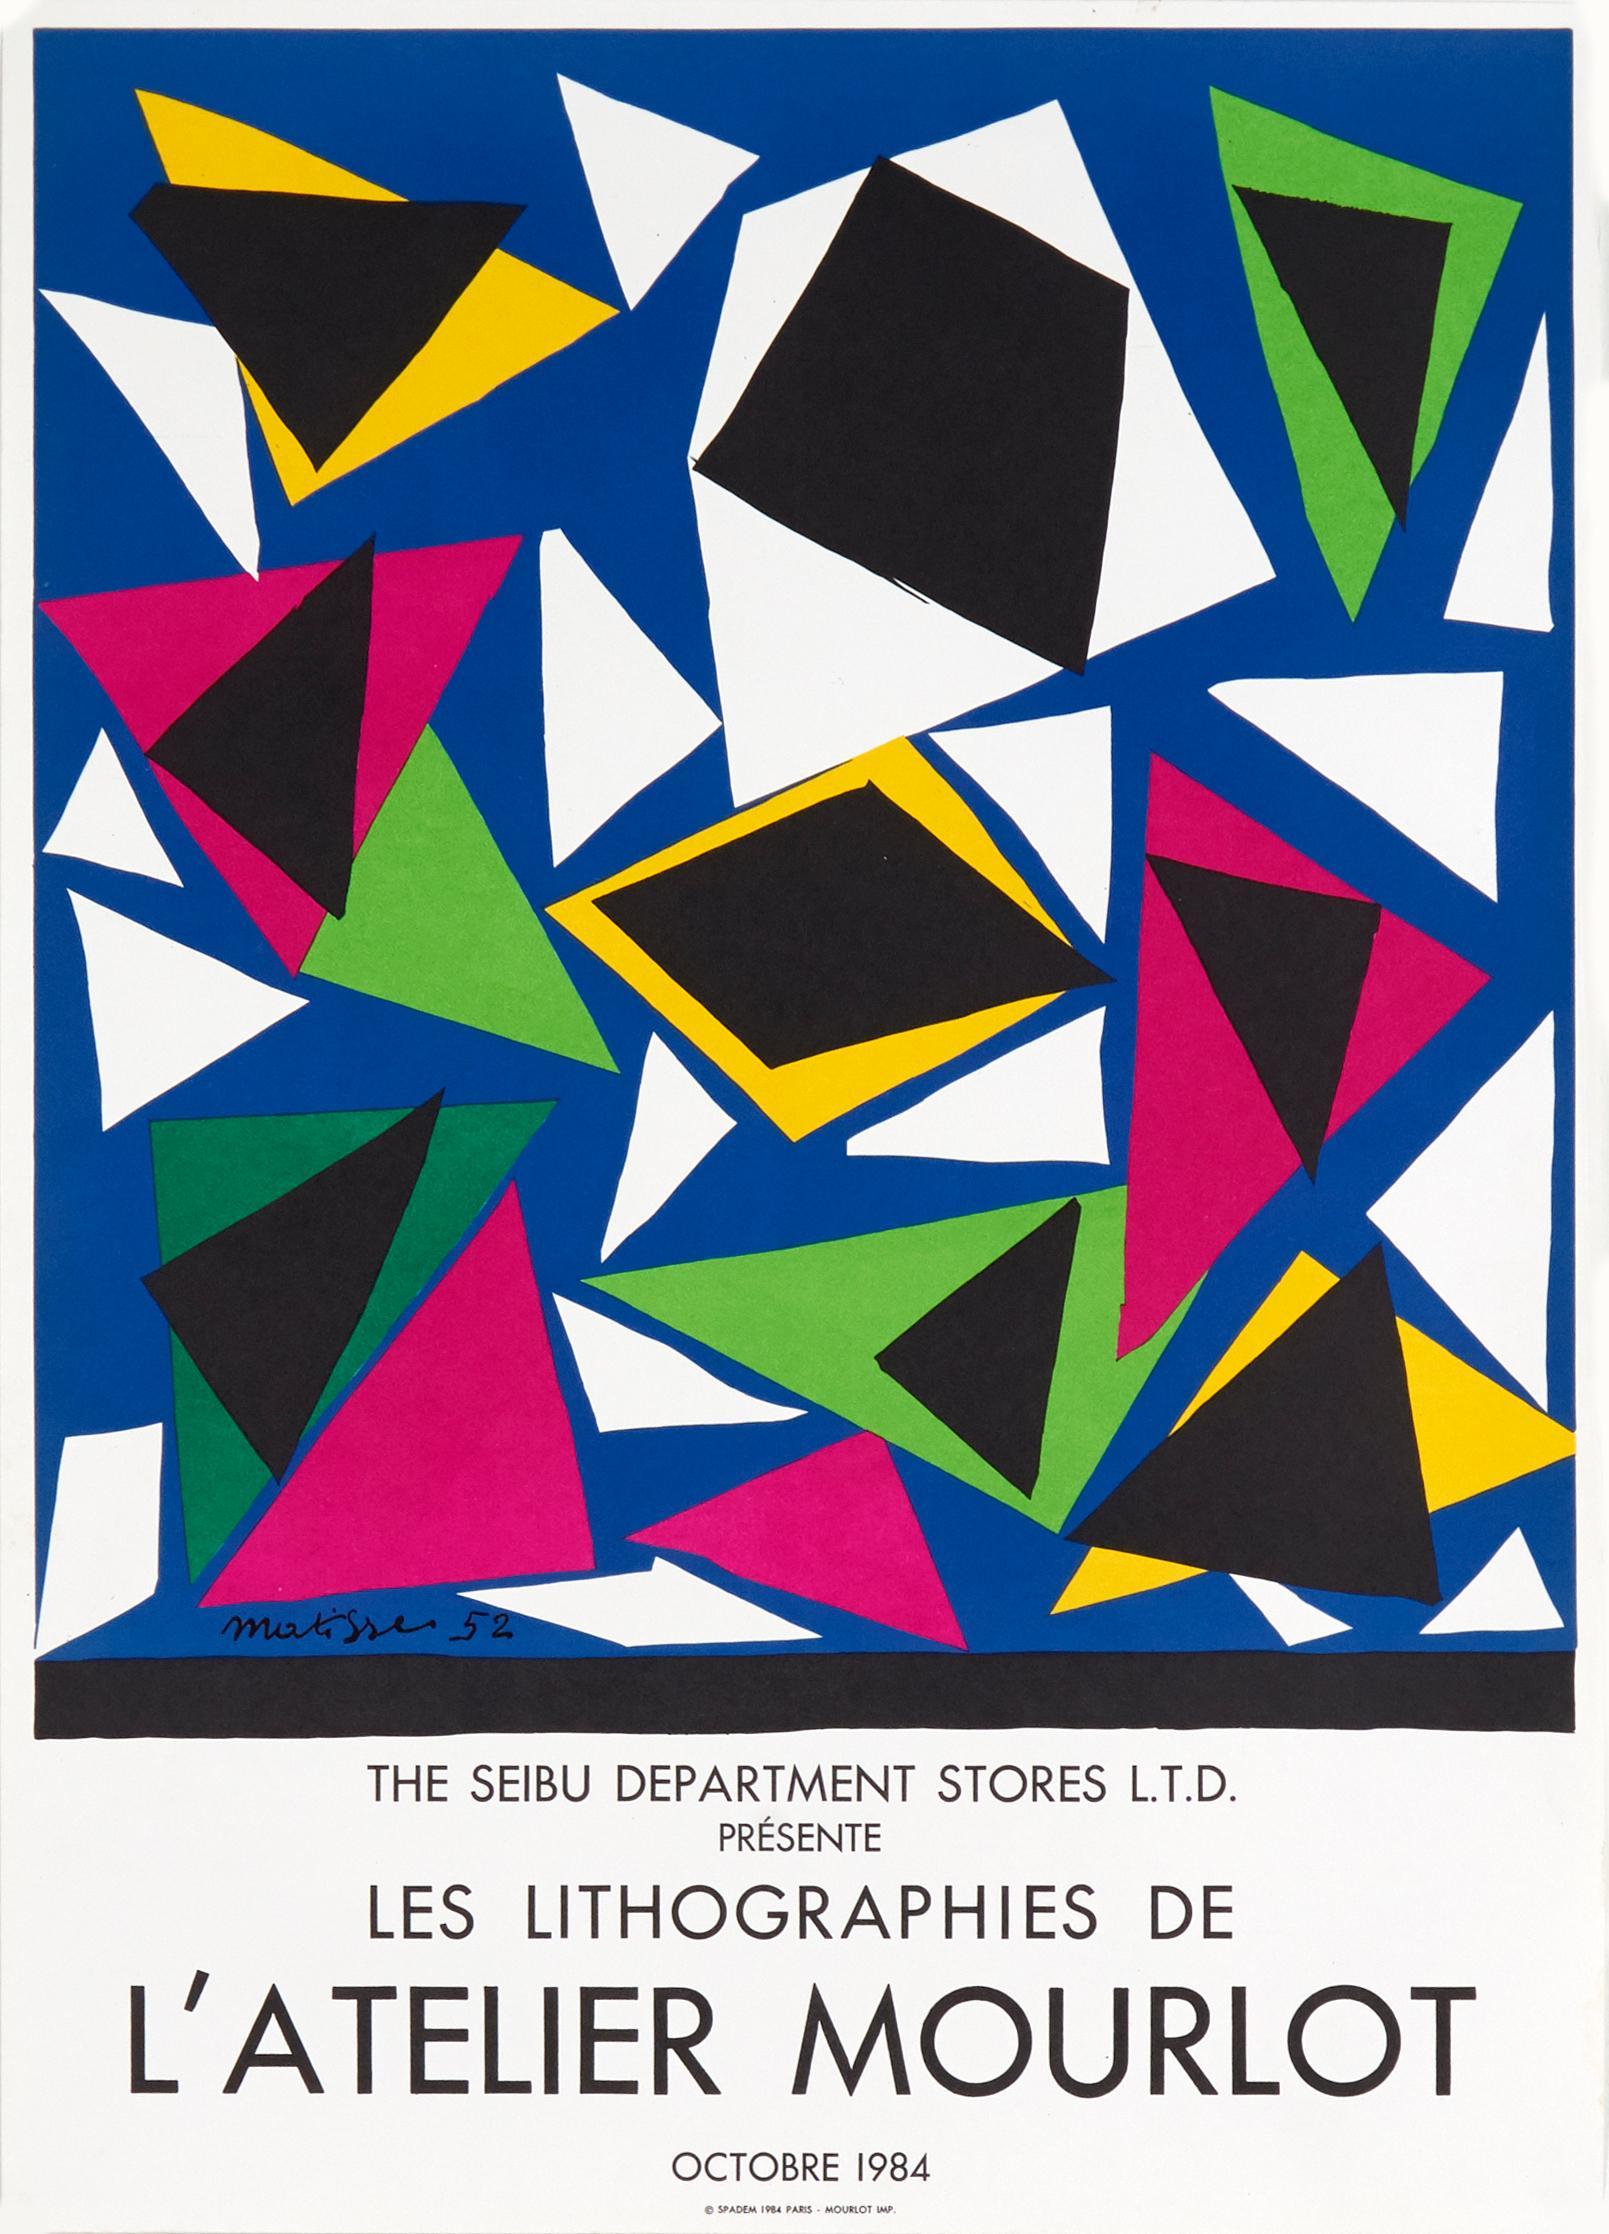 Les Lithographies de l'Atelier Mourlot by Henri Matisse